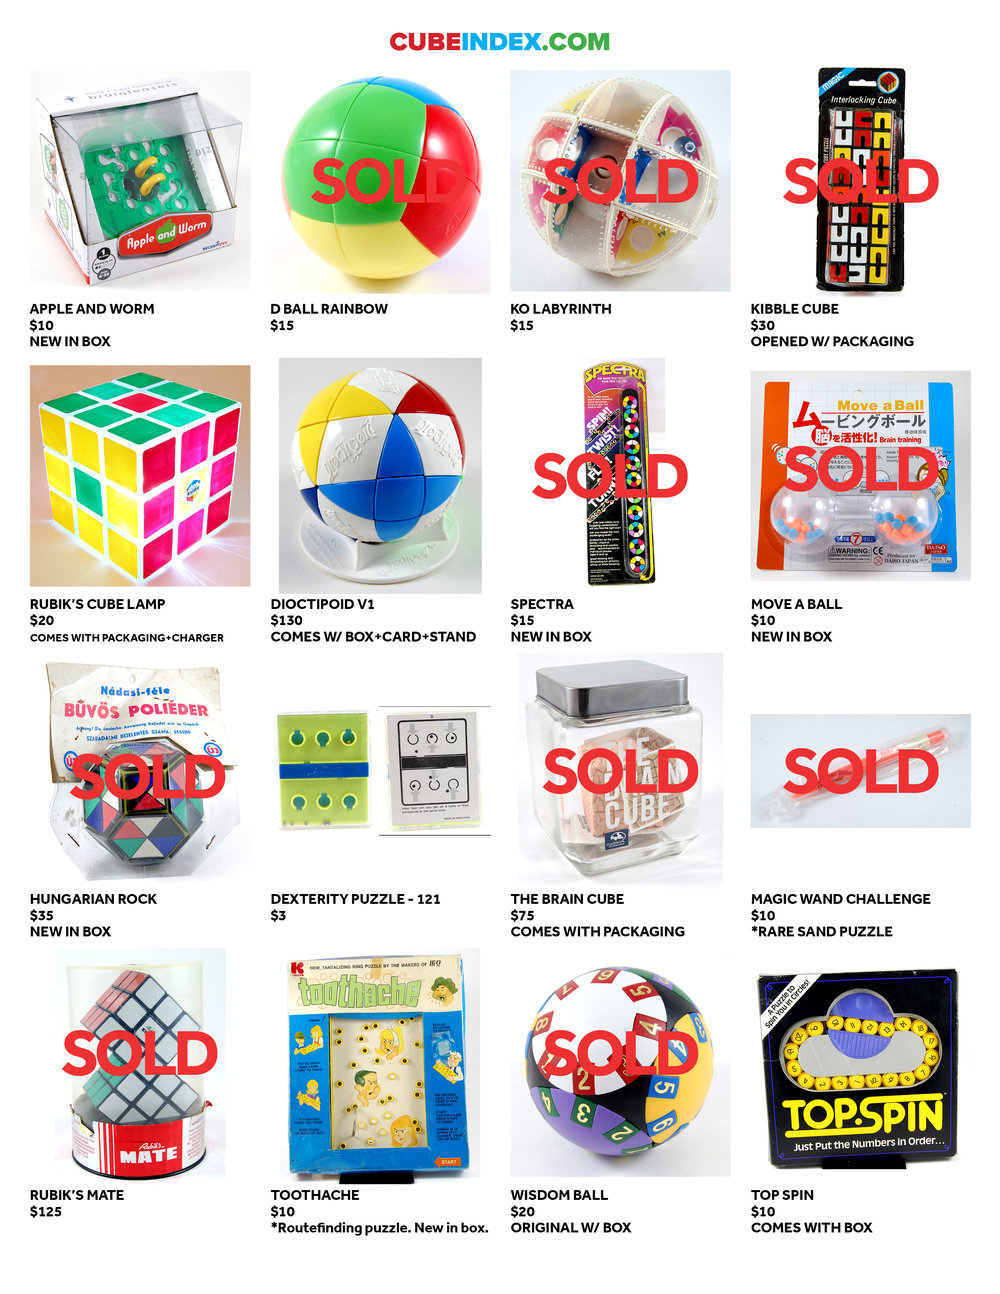 cube-index-for-sale-catalog-april-2017-v525.jpg